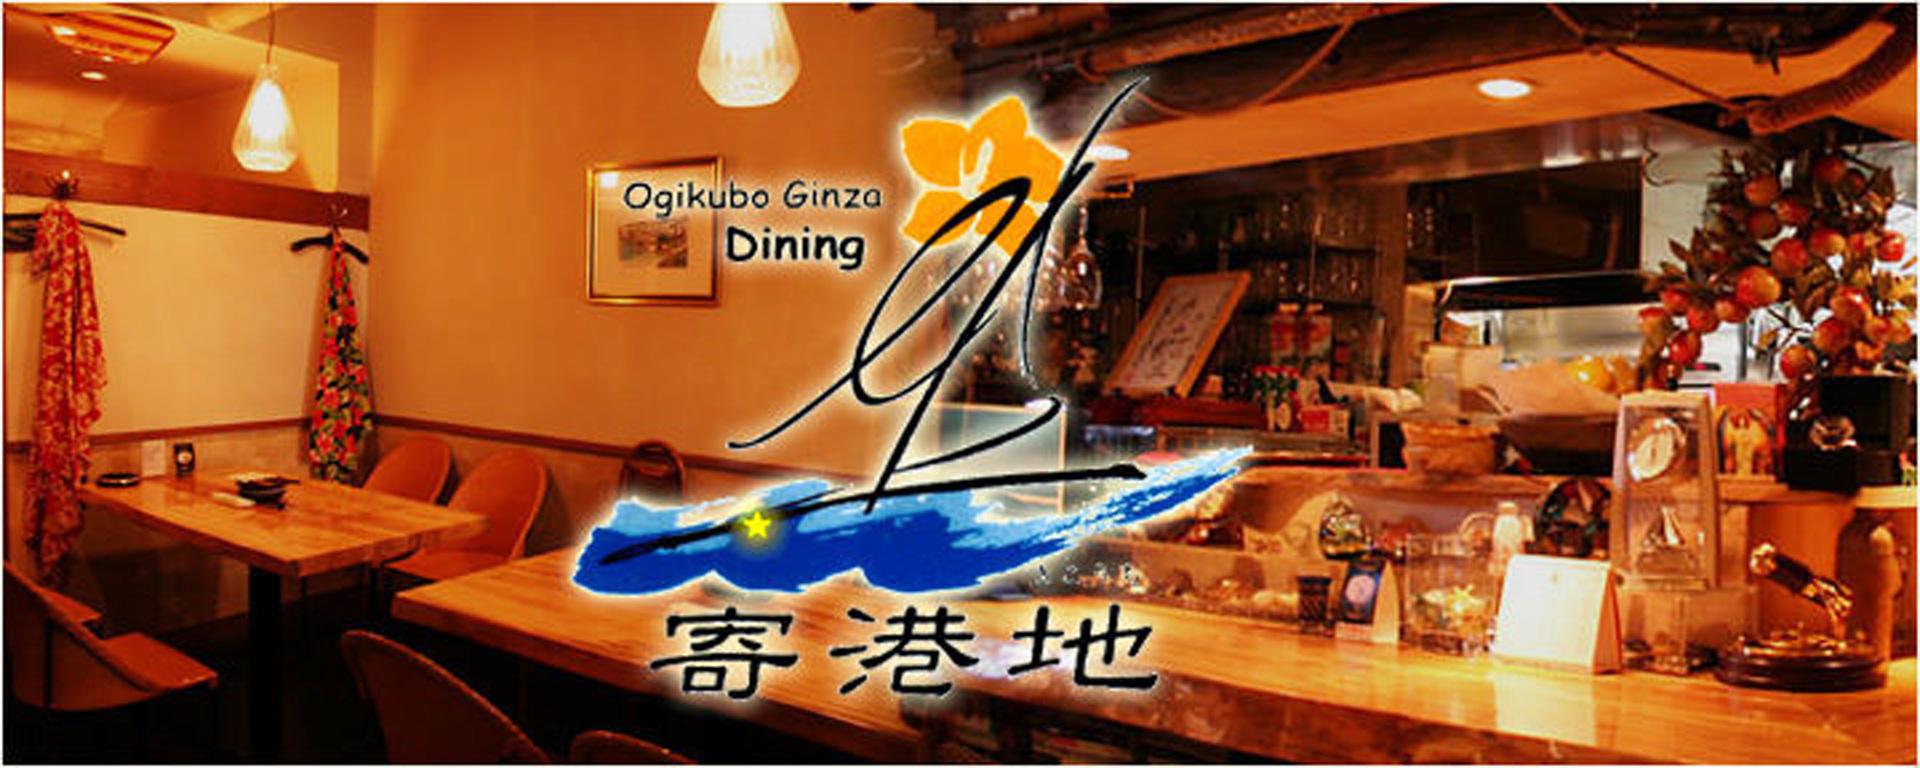 Ogikubo Ginza Dining 寄港地